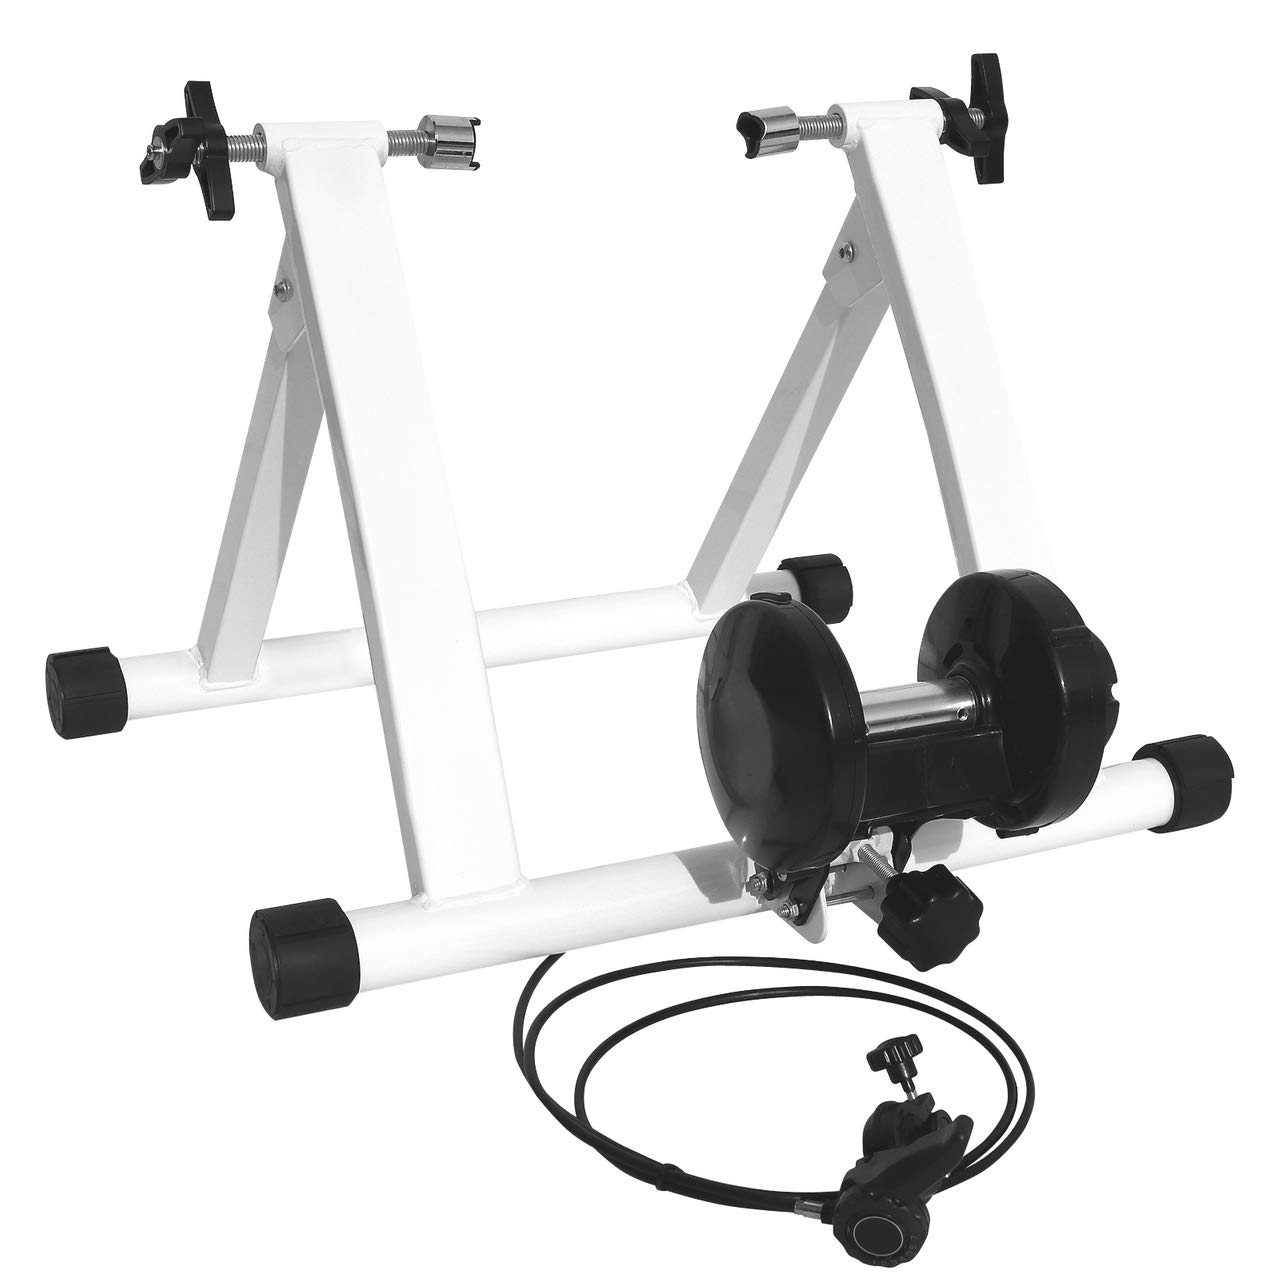 WELLGRO® Rollentrainer für zu Hause inkl. 7-Gang Schaltung, Stahl, schwarz oder weiß